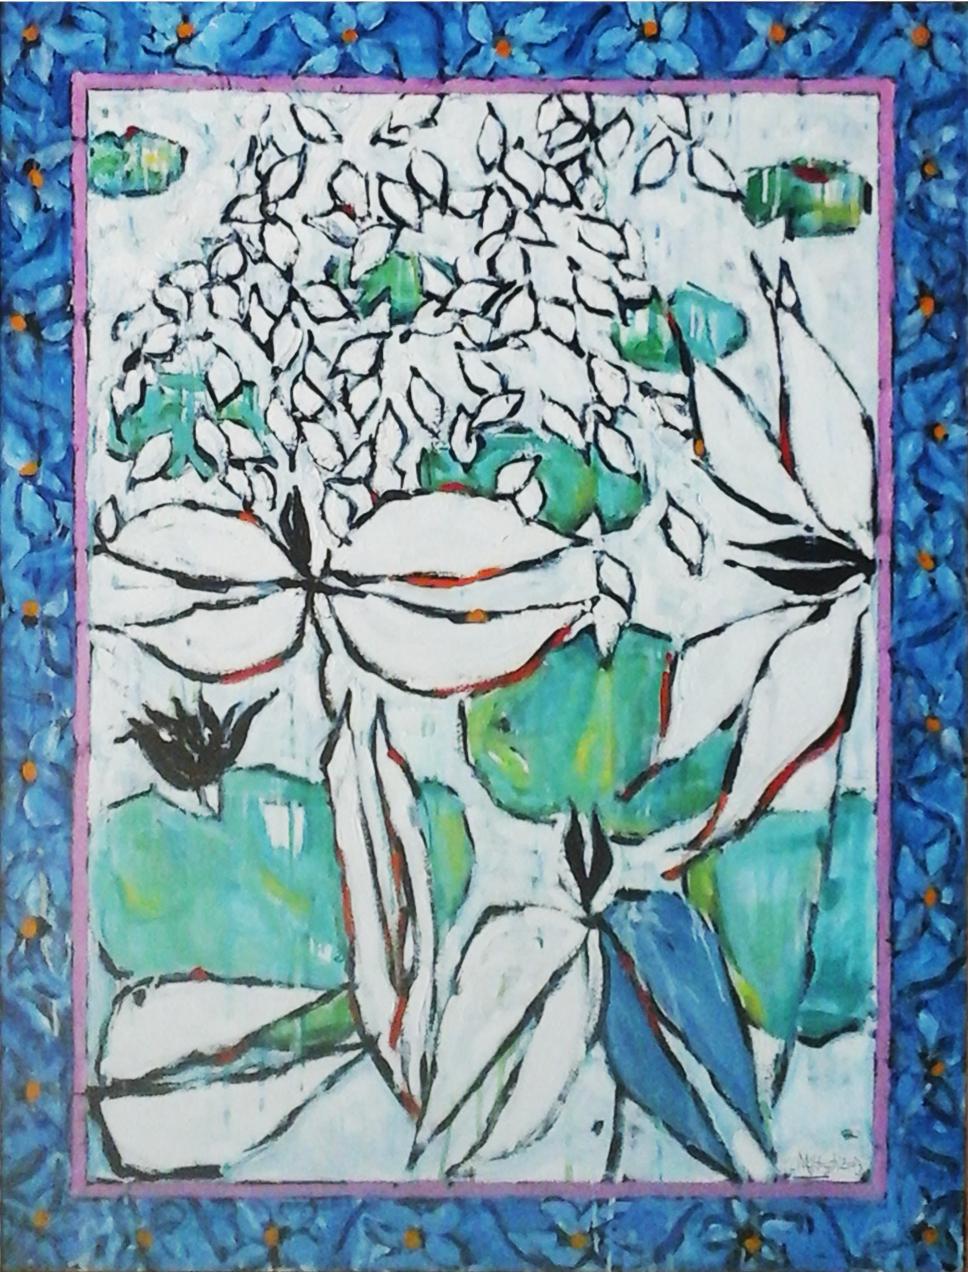 óleo sobre lienzo del artista d Manchester Frank Mc Hugh